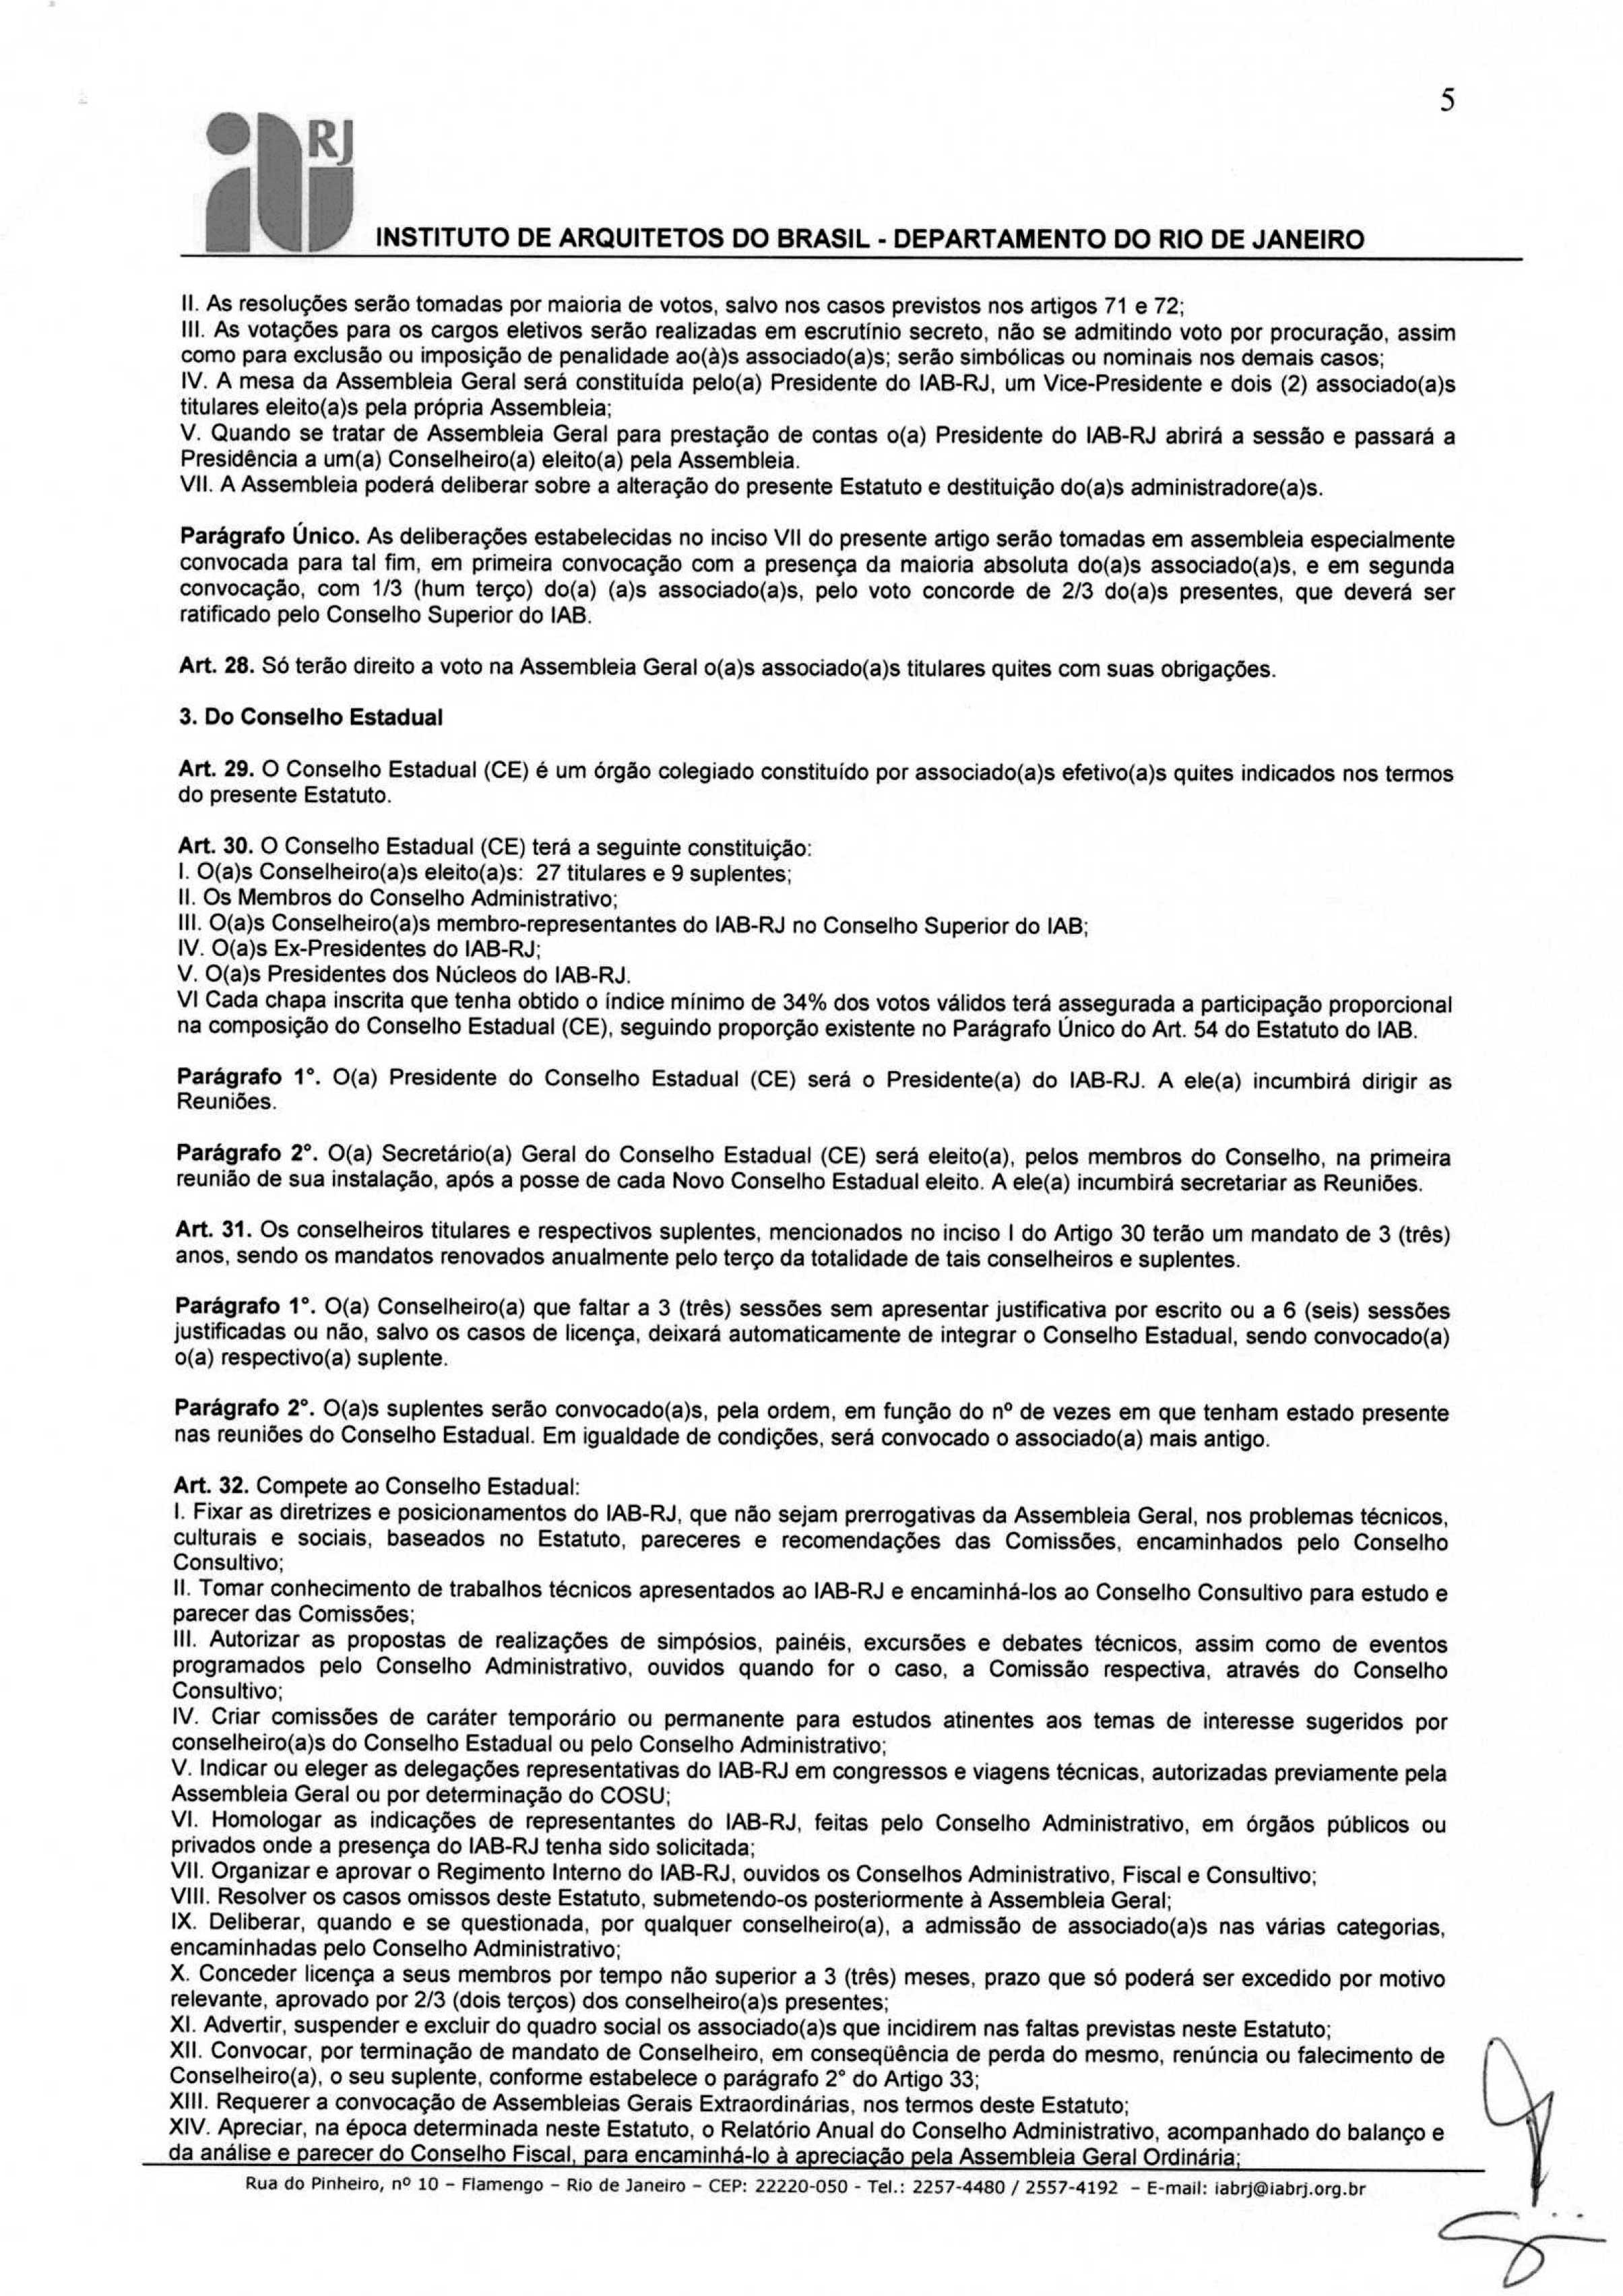 Estatuto_IABRJ_Registrado2016-5-10